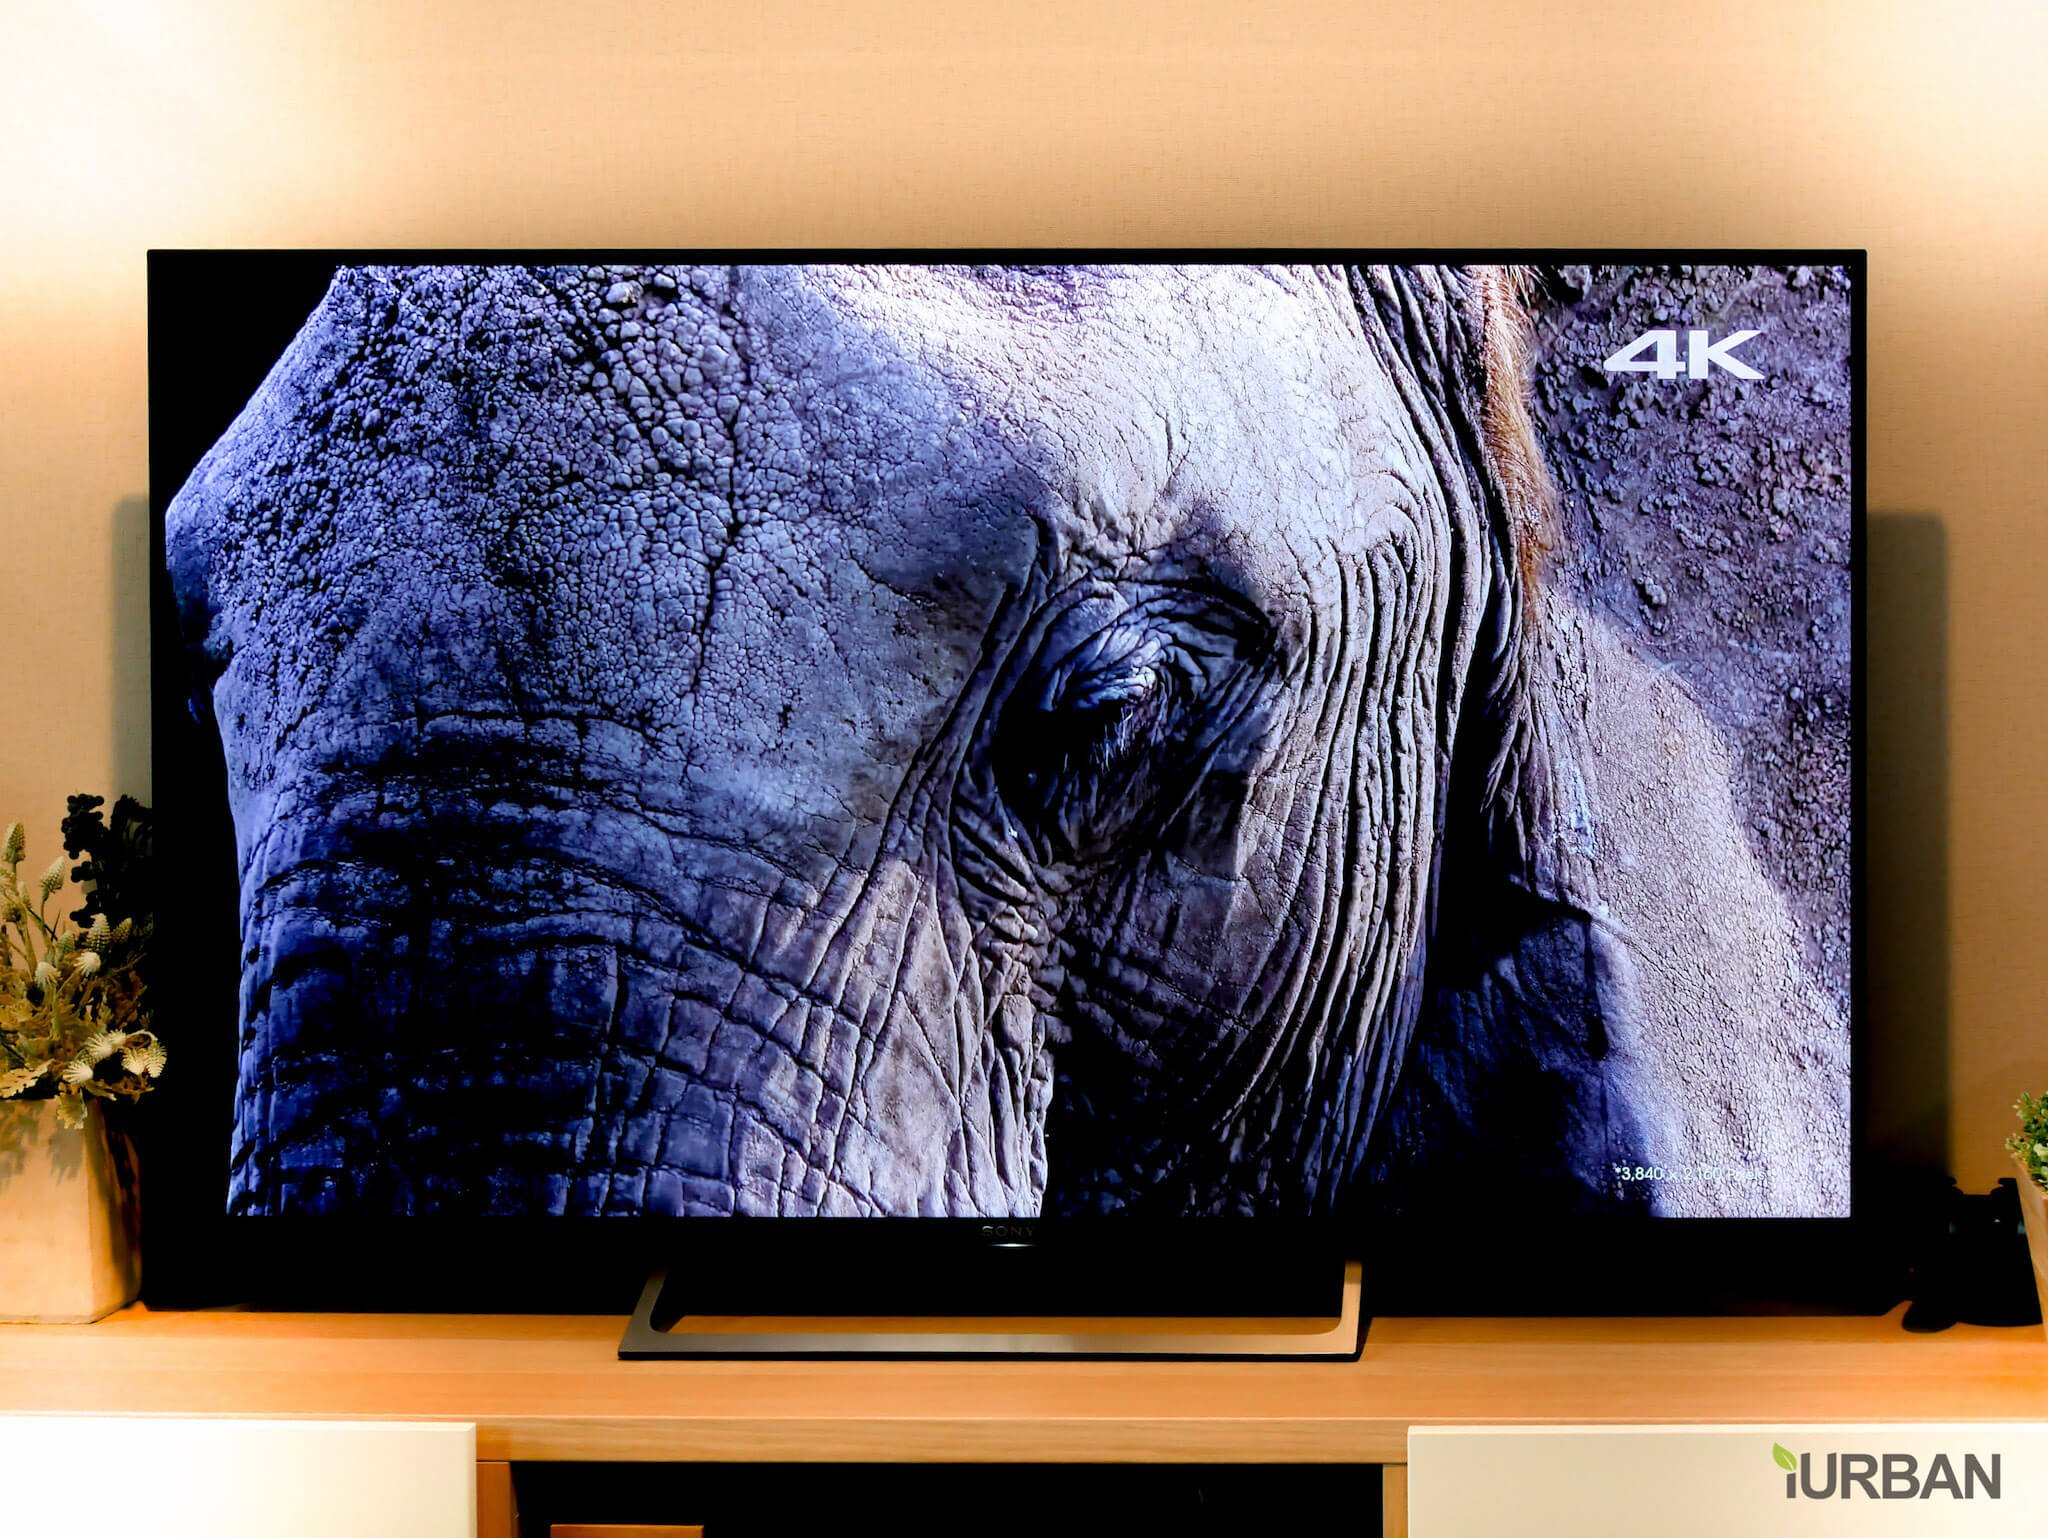 SONY X8500E 4K-HDR Android TV นวัตกรรมที่จะเปลี่ยนชีวิตกับทีวี ให้ไม่เหมือนเดิมอีกต่อไป 39 - Android